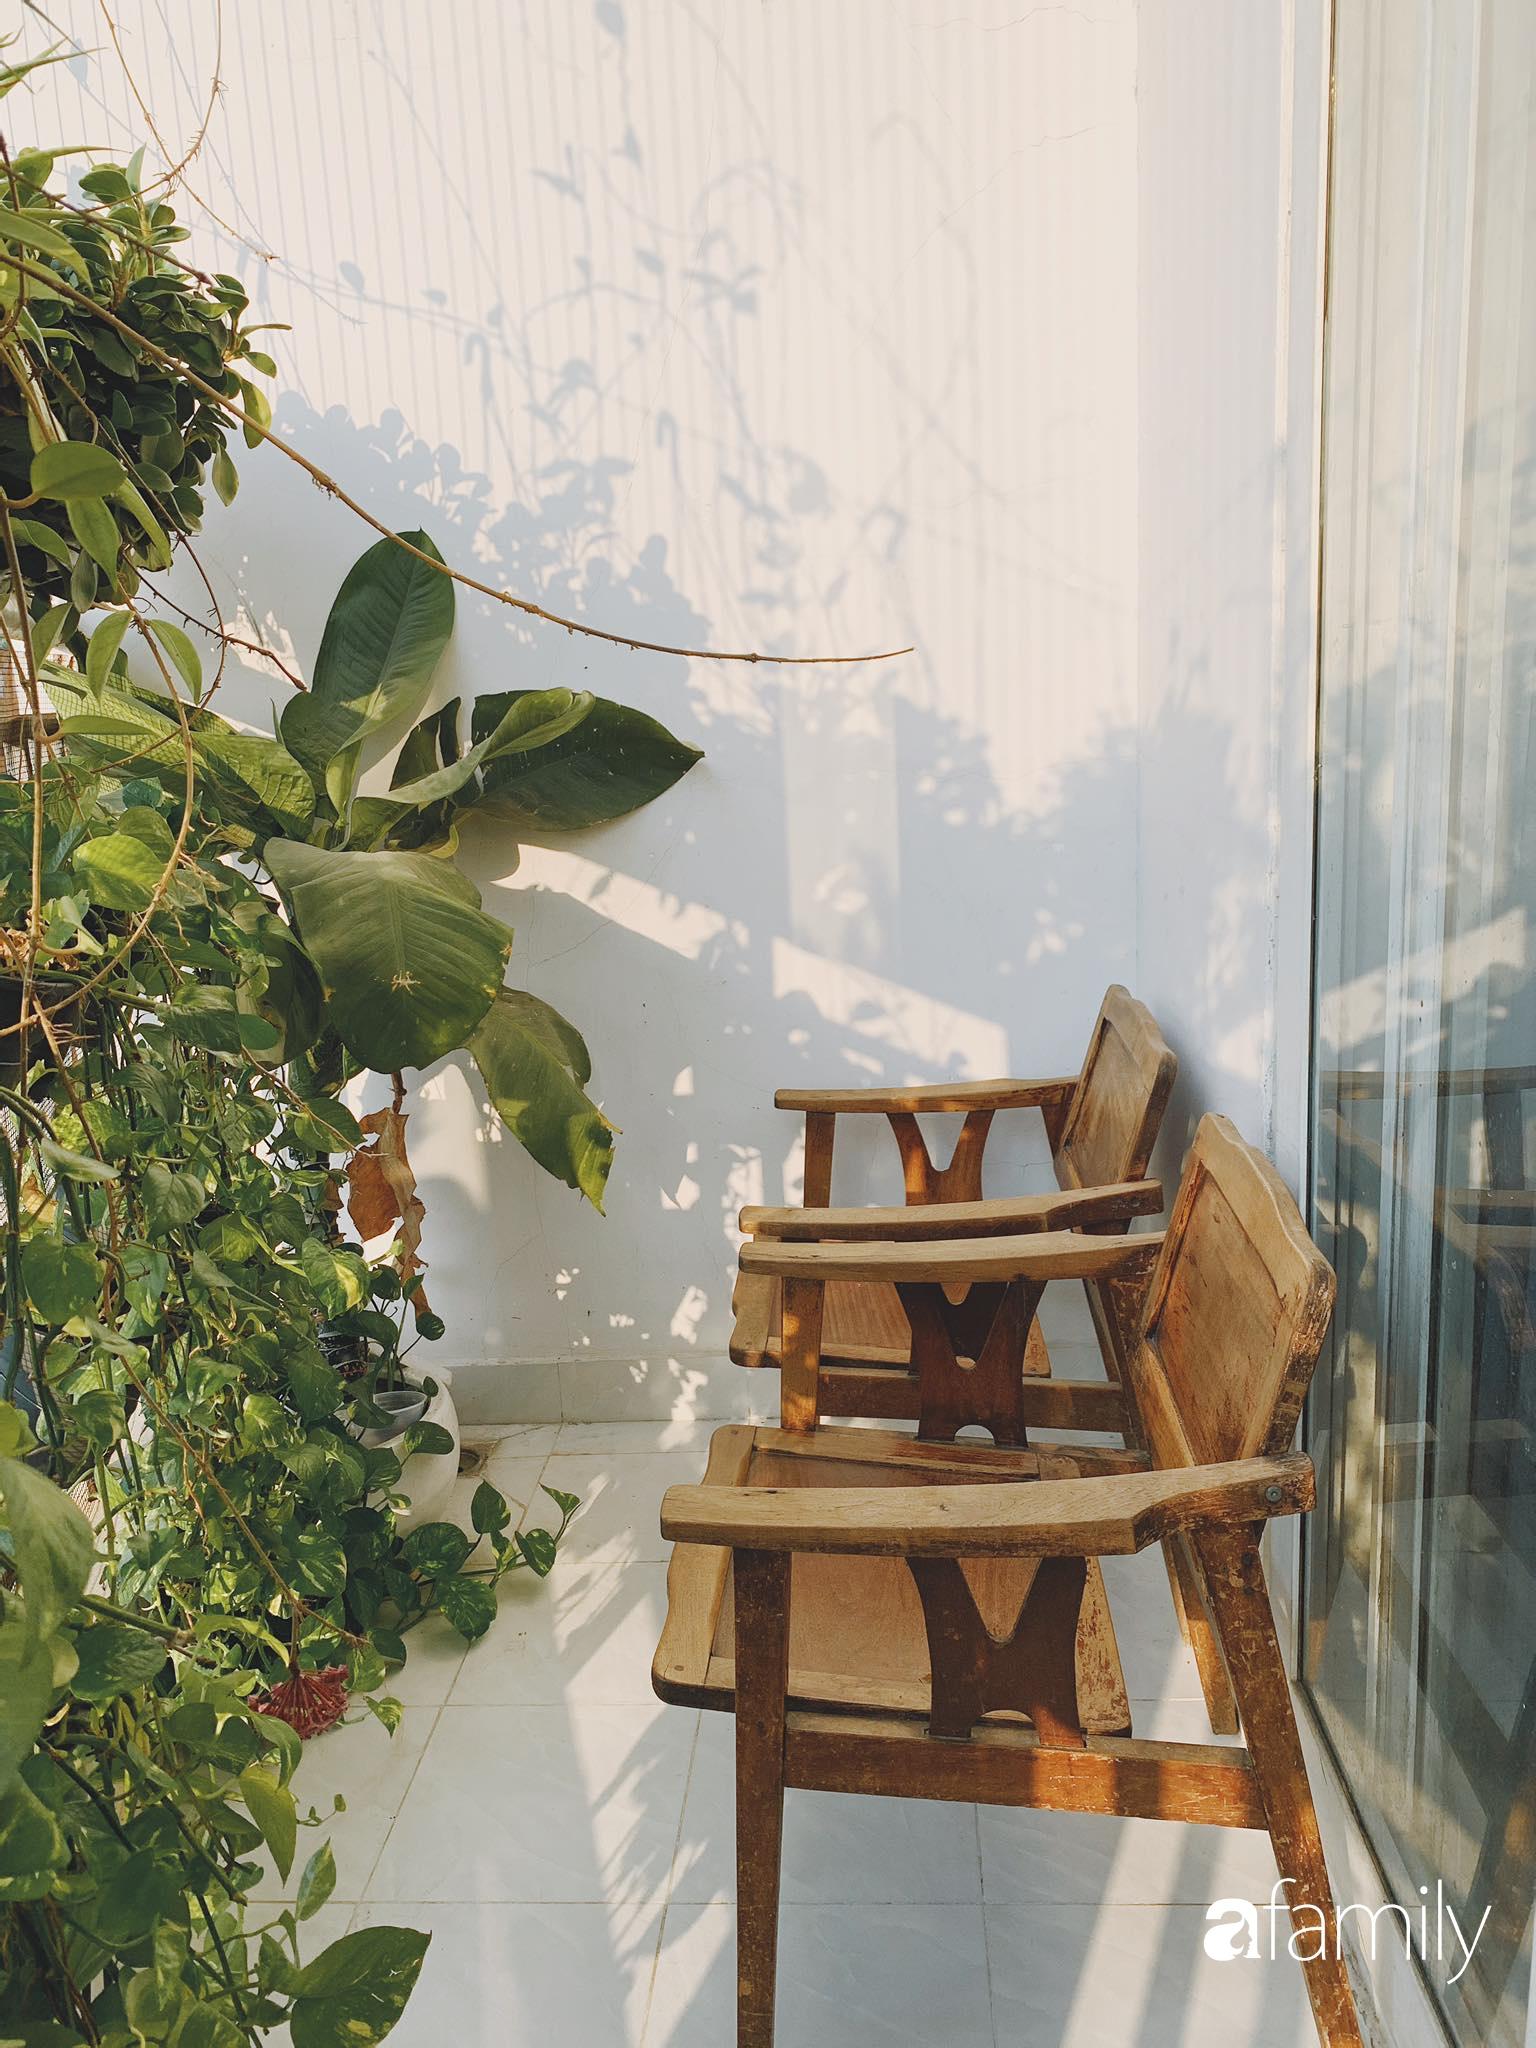 Căn hộ thuê lại được thiết kế nội thất thẩm mỹ và tối giản của cặp vợ chồng yêu thích sống tự do ở Sài Gòn - Ảnh 14.